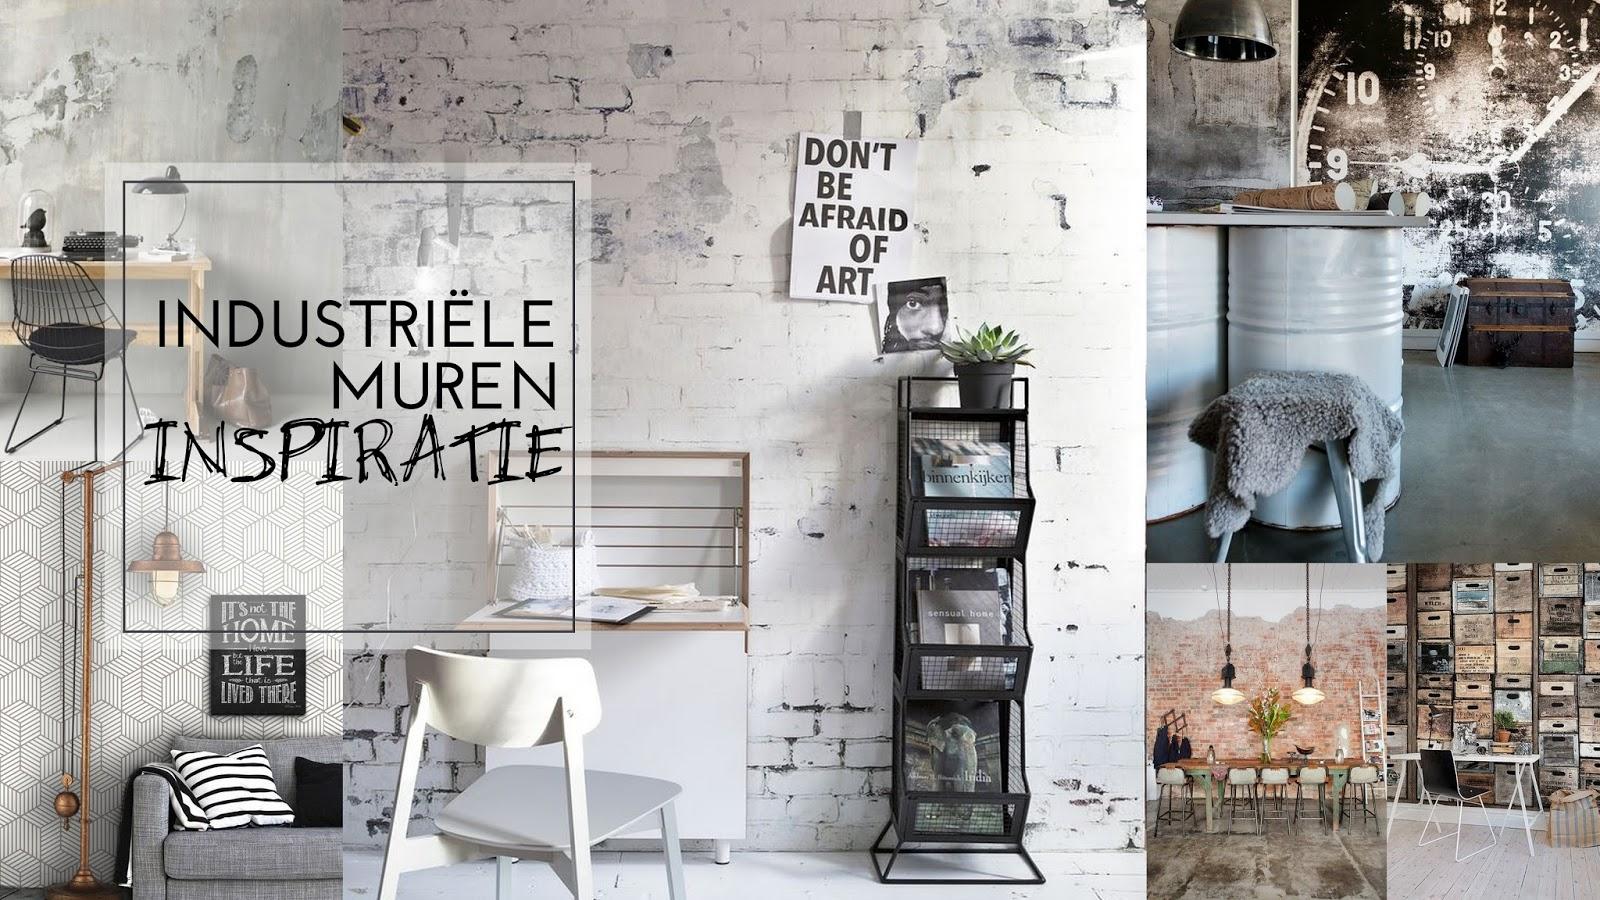 Industriële muren inspiratie - Judith Huls